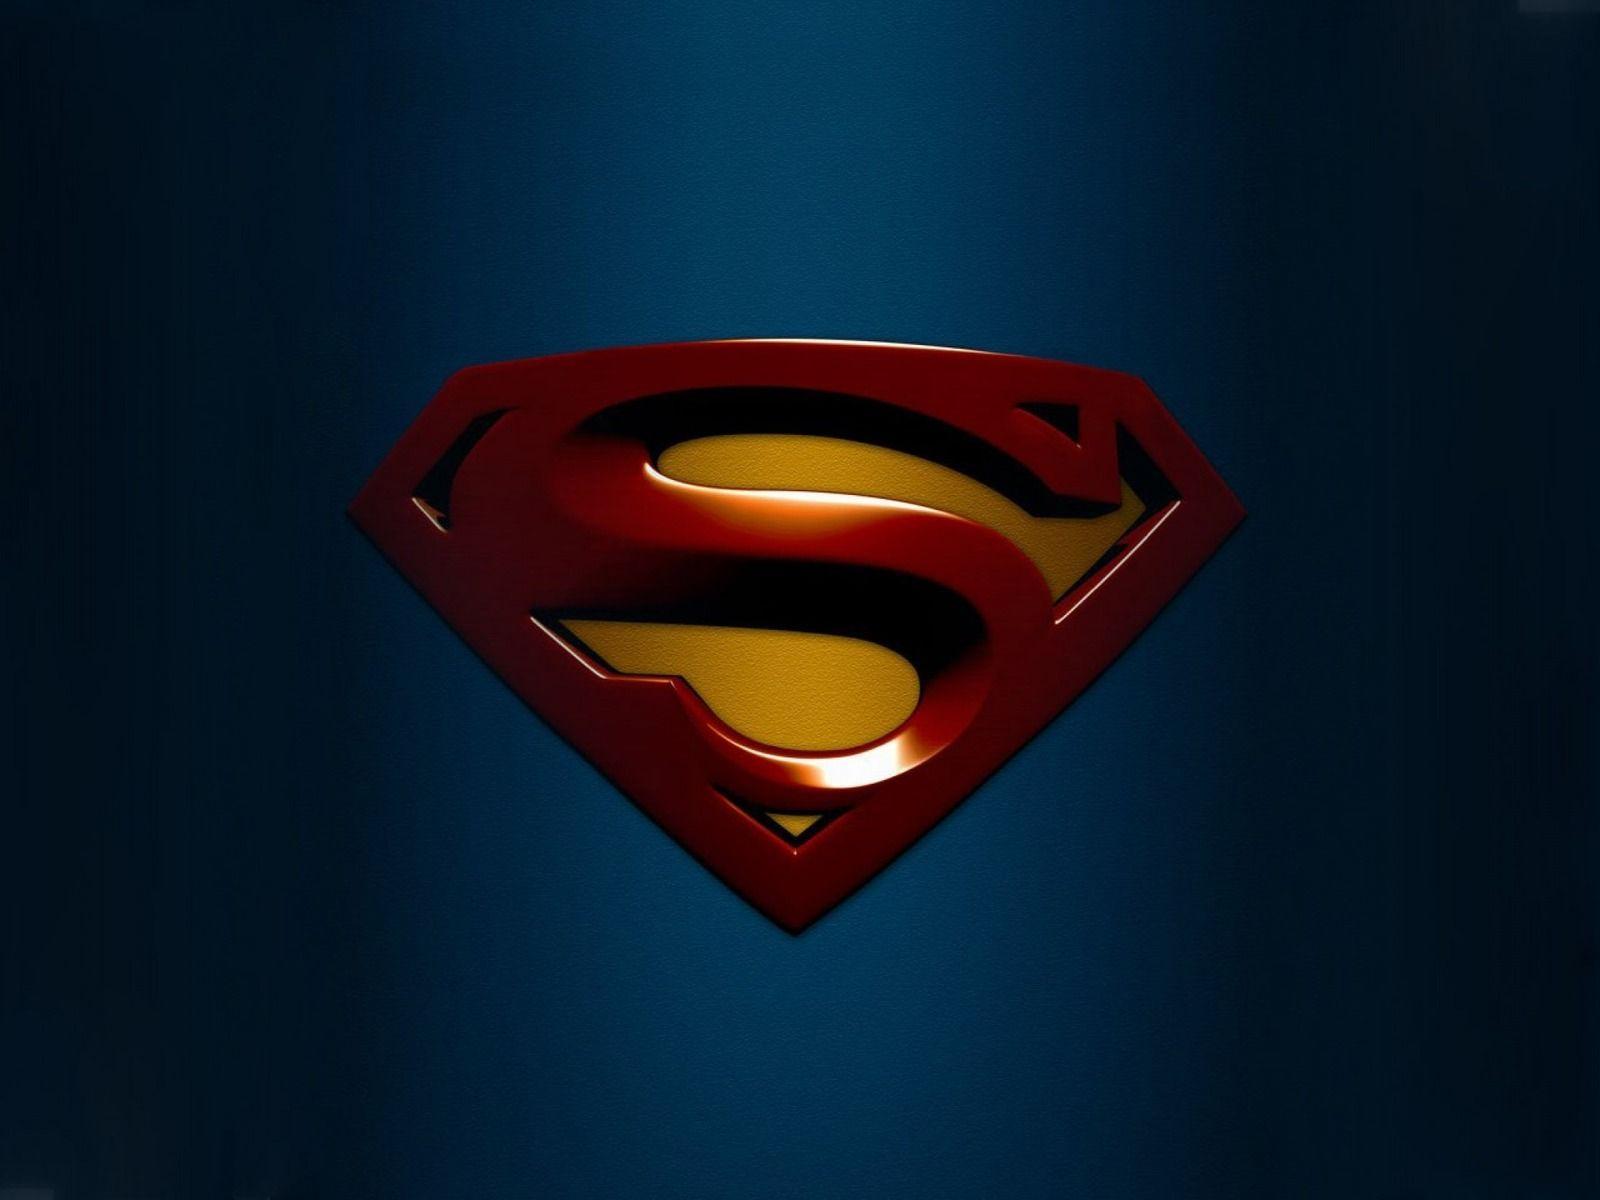 batman vs superman logo wallpapers - wallpaper cave